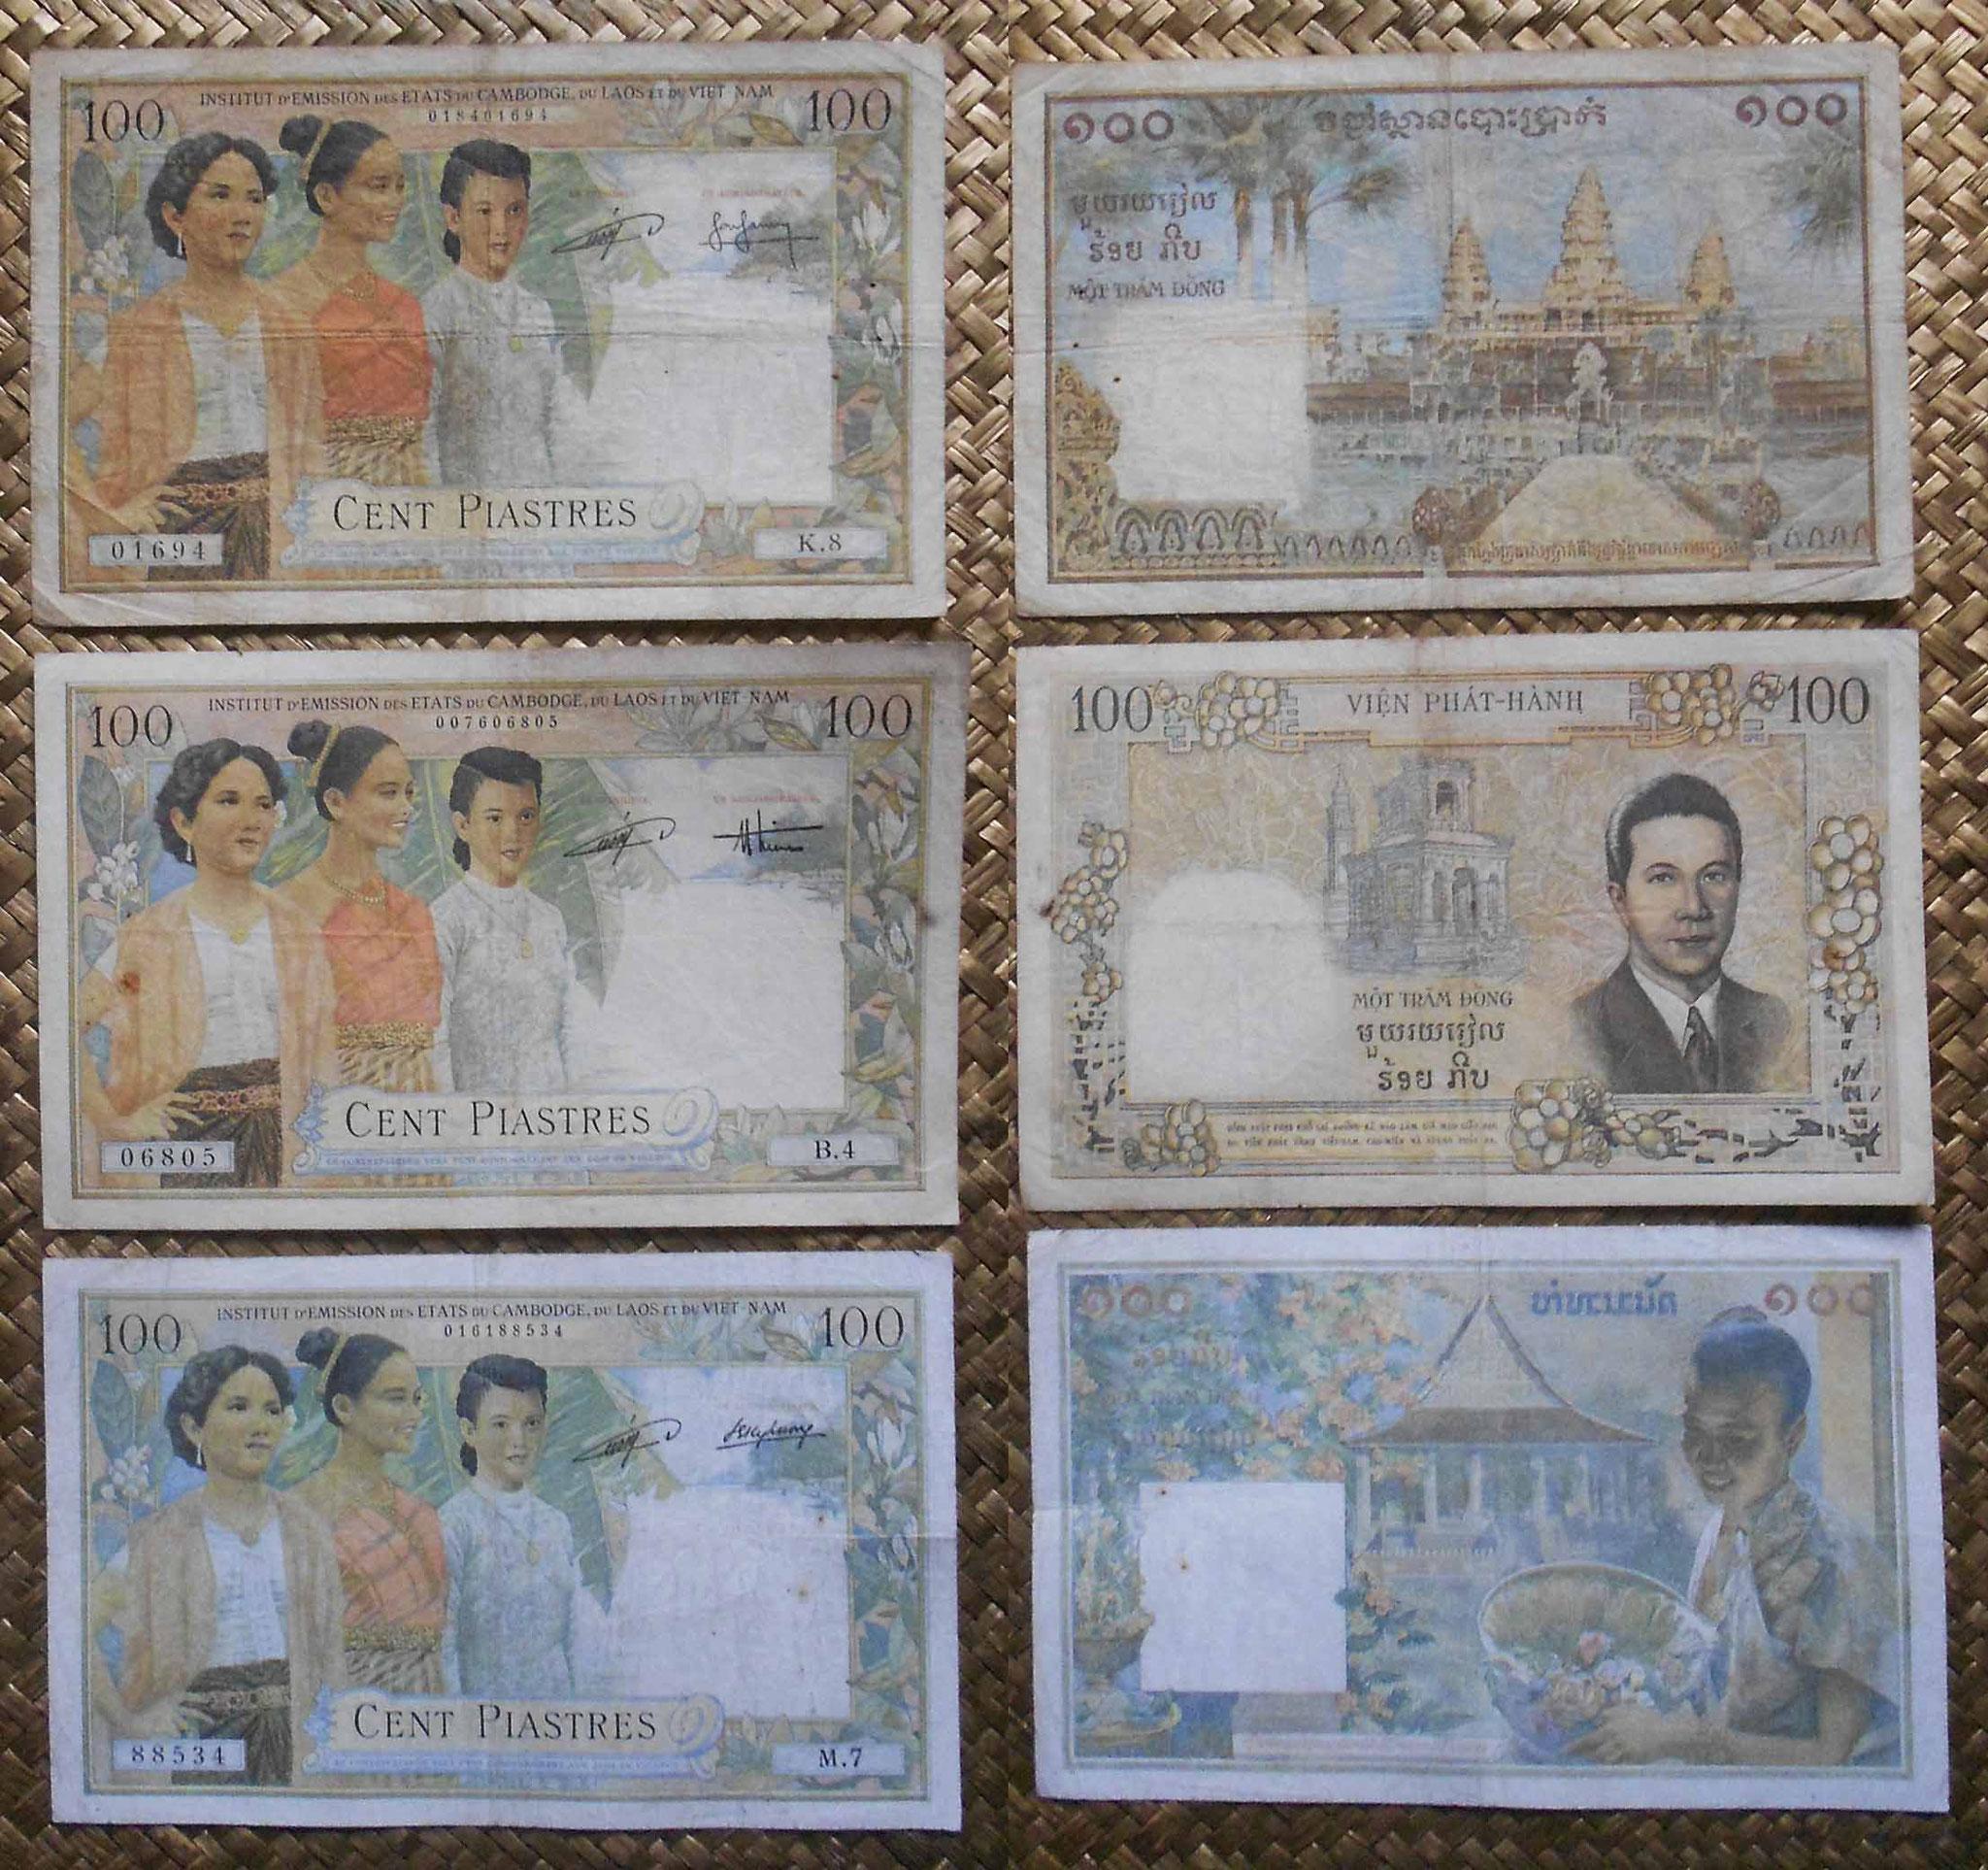 Indochina emisiones 100 piastras 1954 Camboya-Vietnam-Laos anversos-reversos